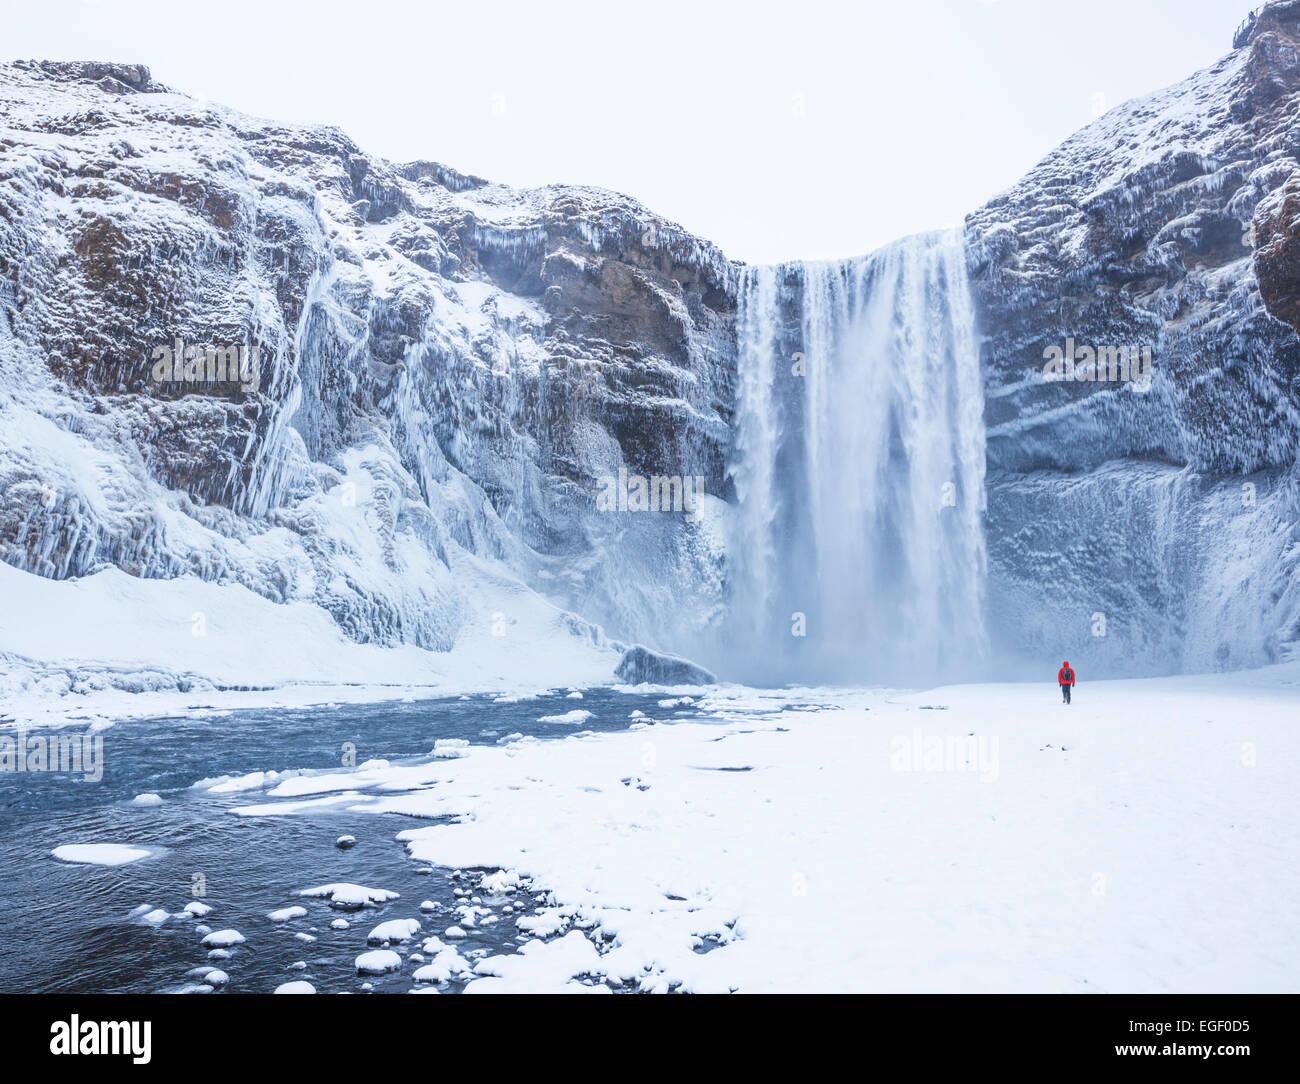 Un hombre de chaqueta roja a Catarata Skogafoss en invierno Skogar sur de Islandia Islandia Europa Imagen De Stock